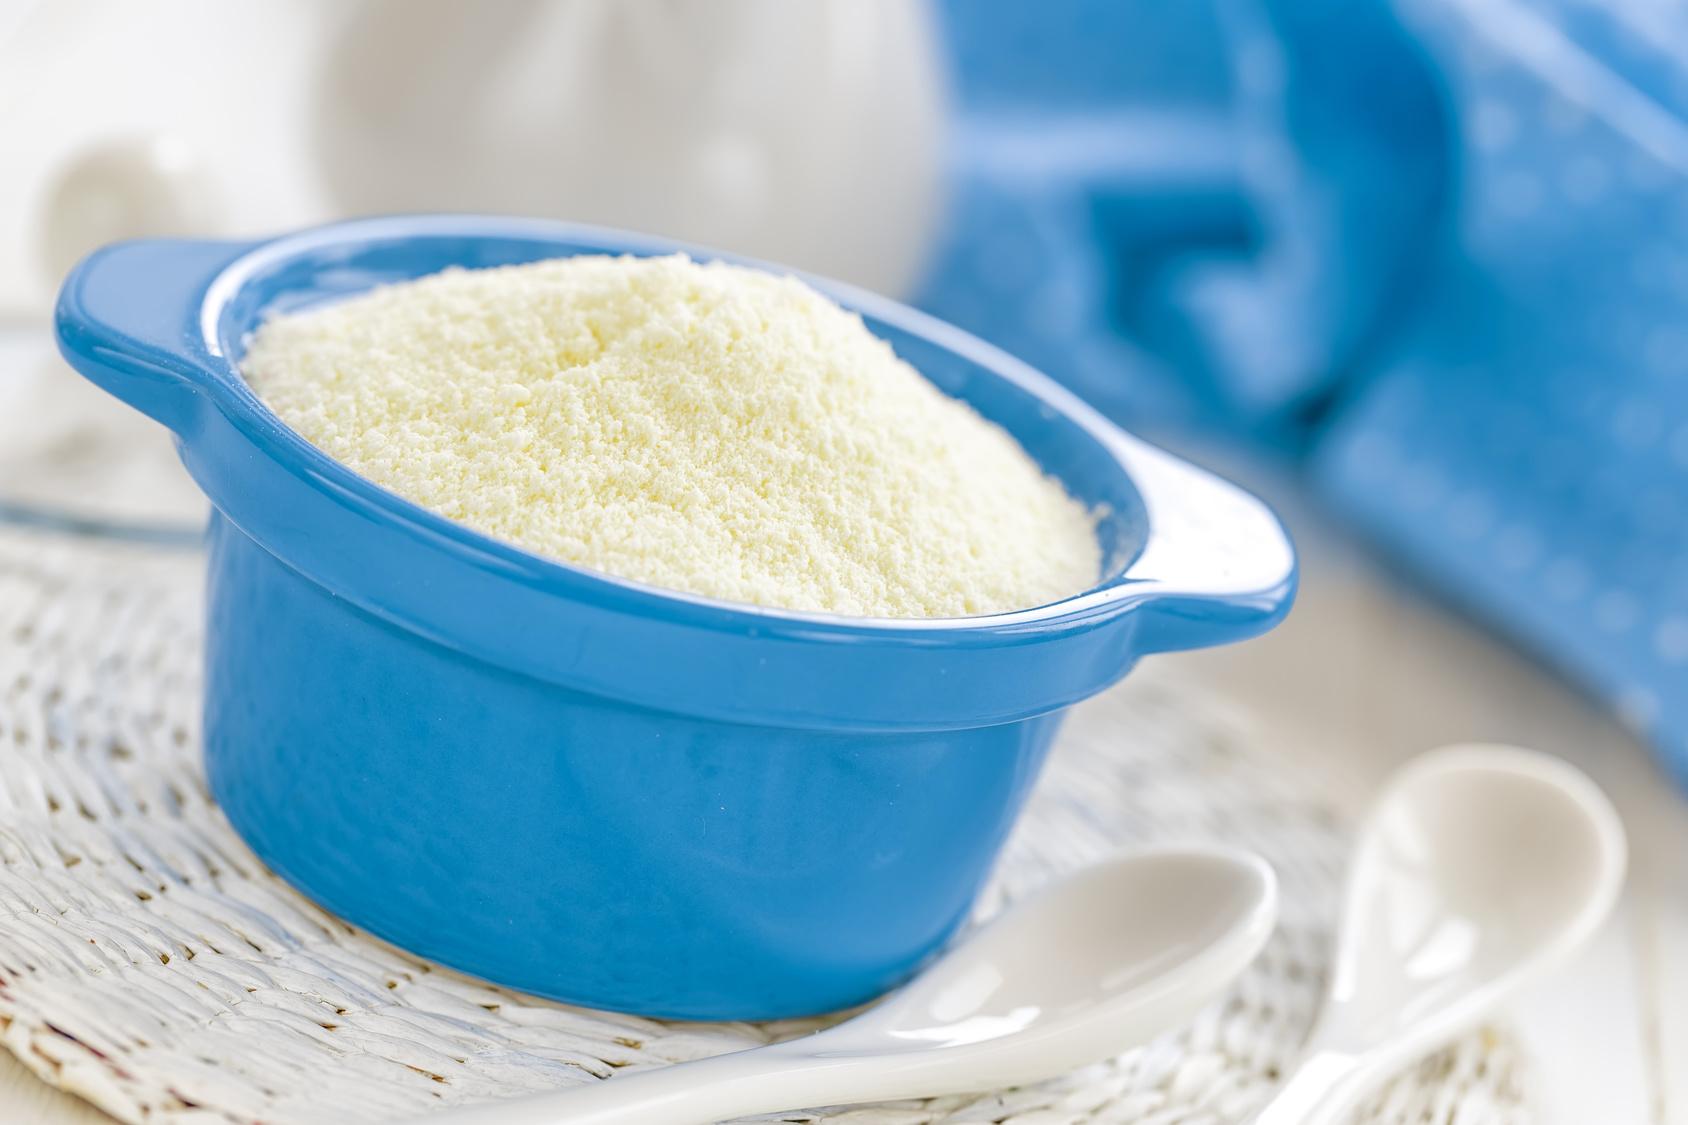 Come sostituire il latte in polvere nelle ricette